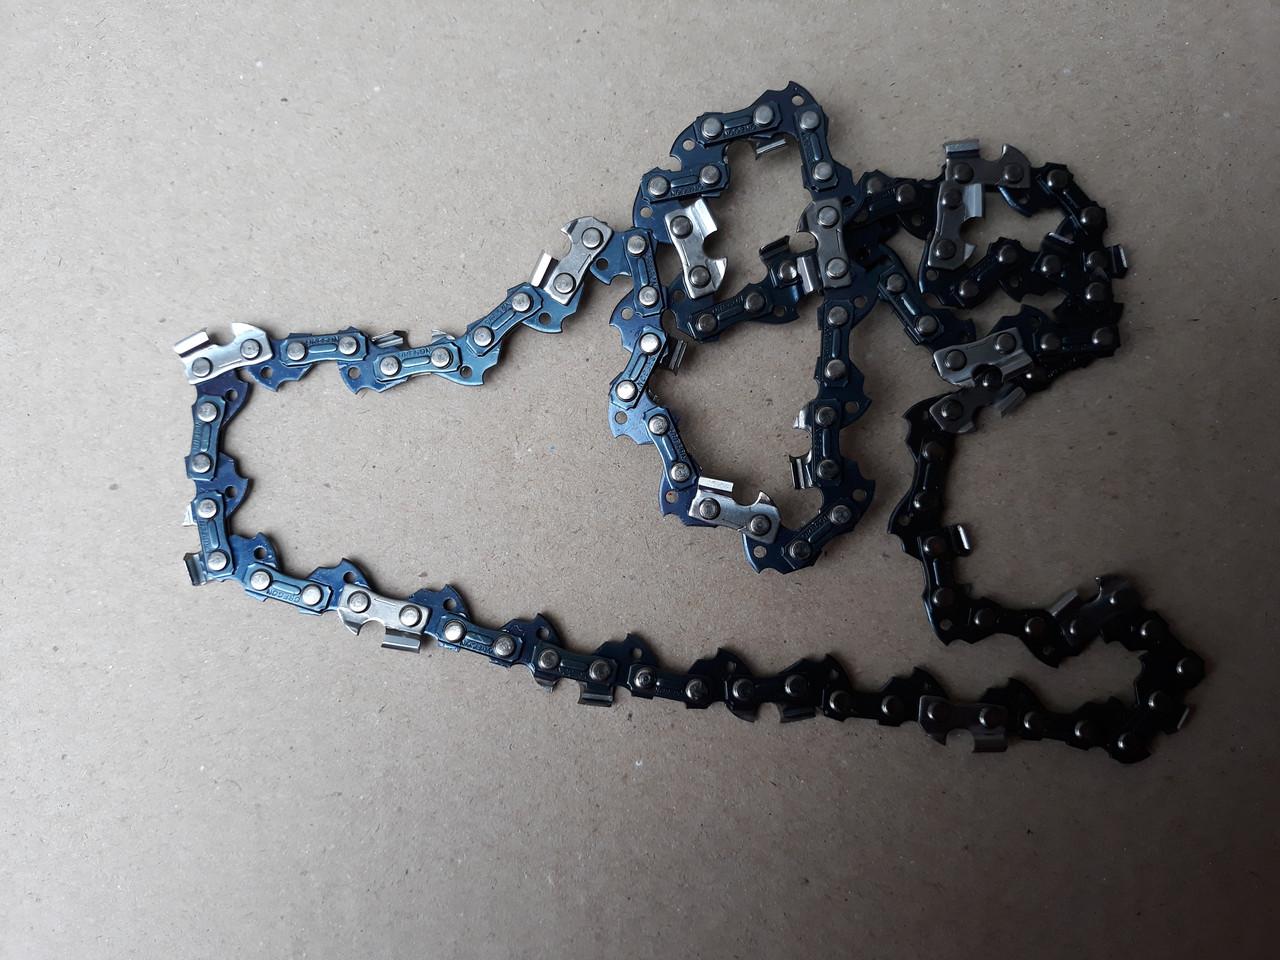 Ланцюг 52 зв 3/8 1.3 звичайний зуб (35 шина ) до бензопили Oleo-Mac 35C Шт